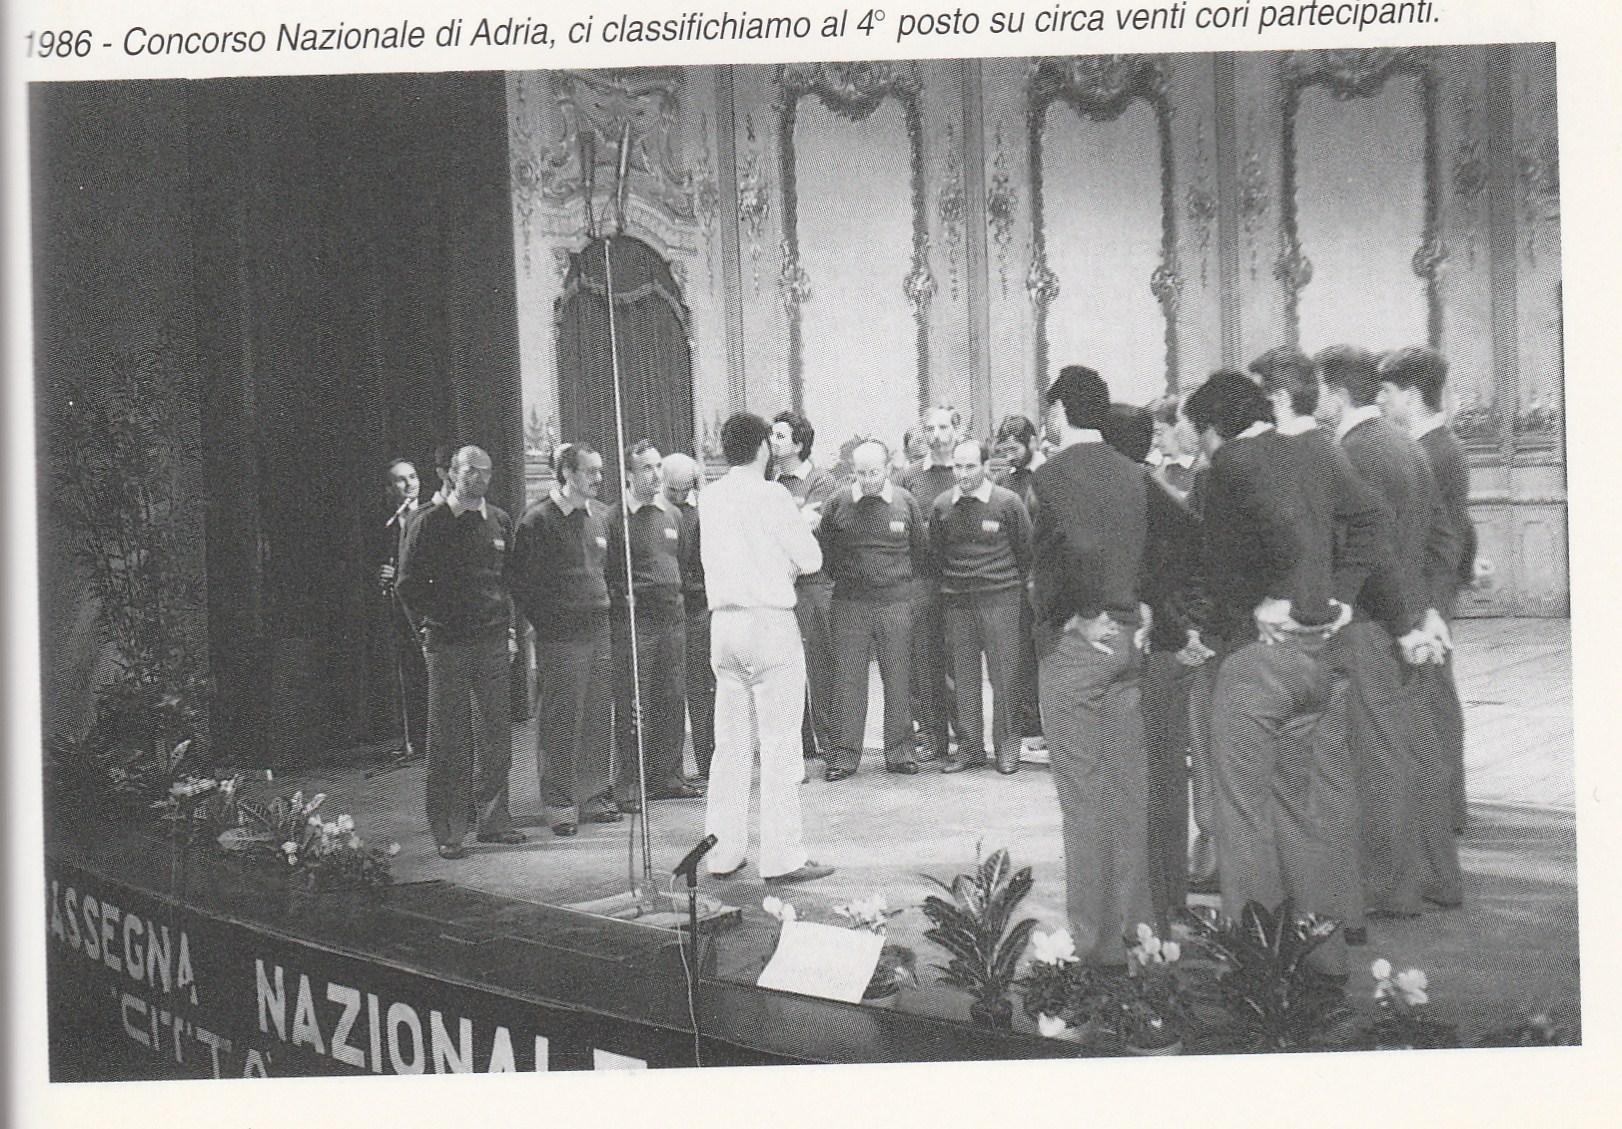 31 -1986 CONCORSO NAZIONALE ADRIA 4° CLASSIFICATO01